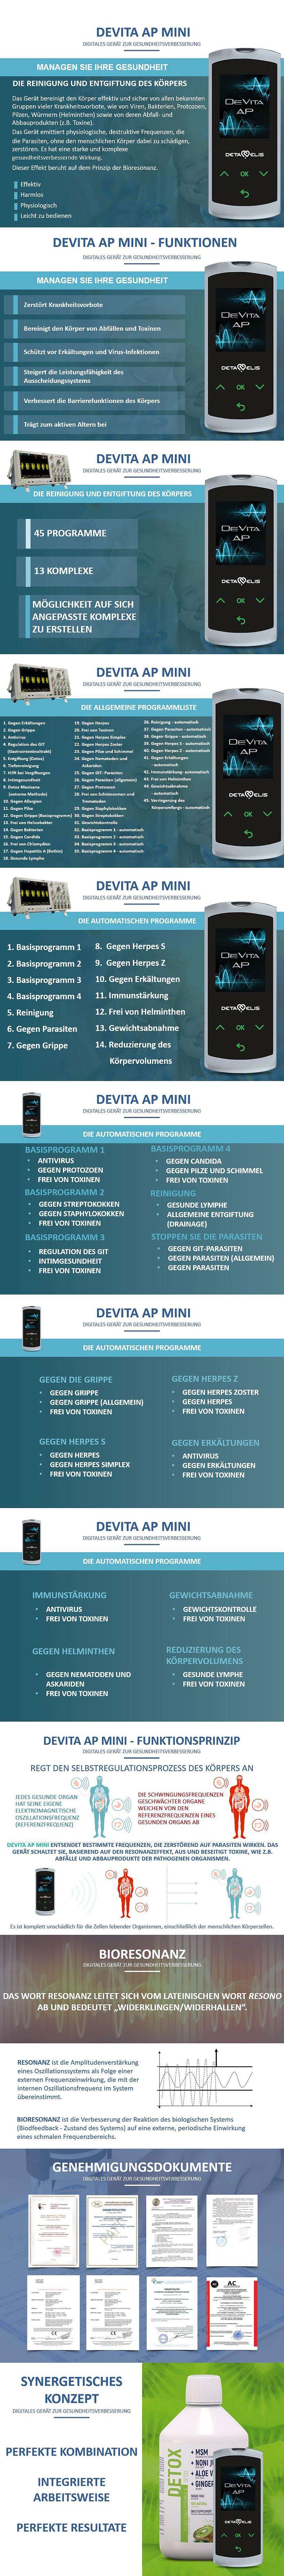 DeVita_AP_mini_de_DE.jpg